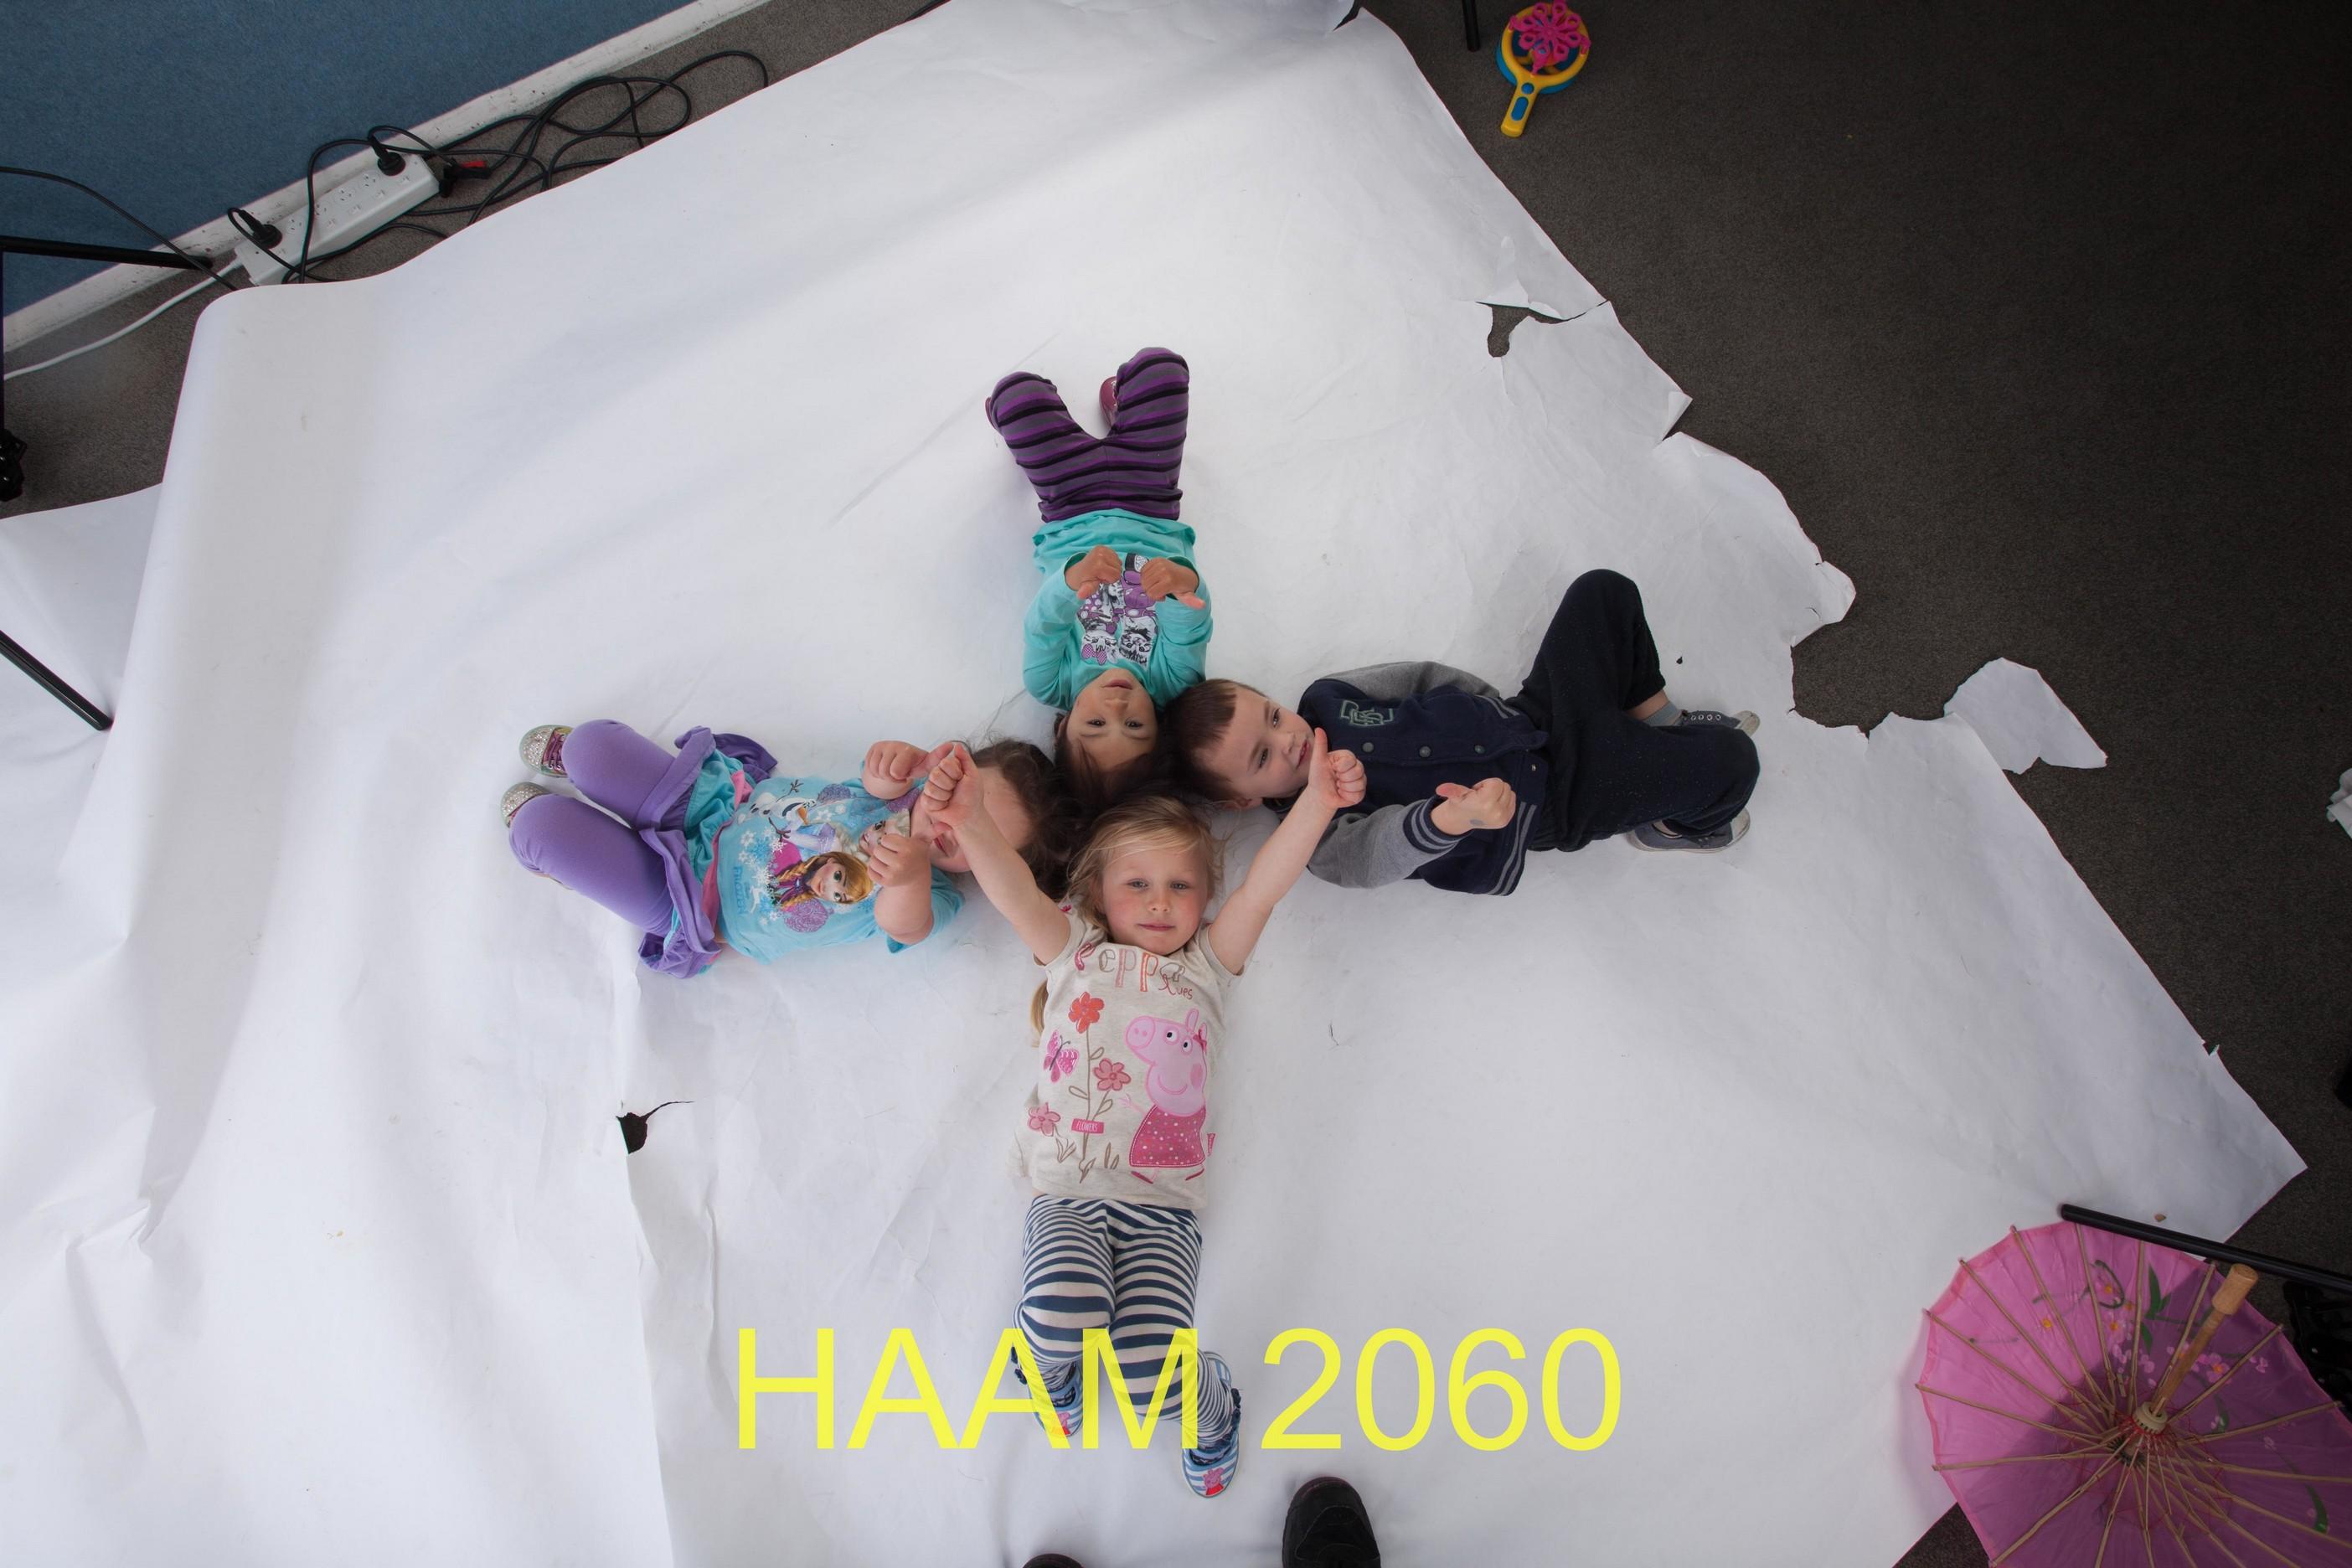 HAAM 2060